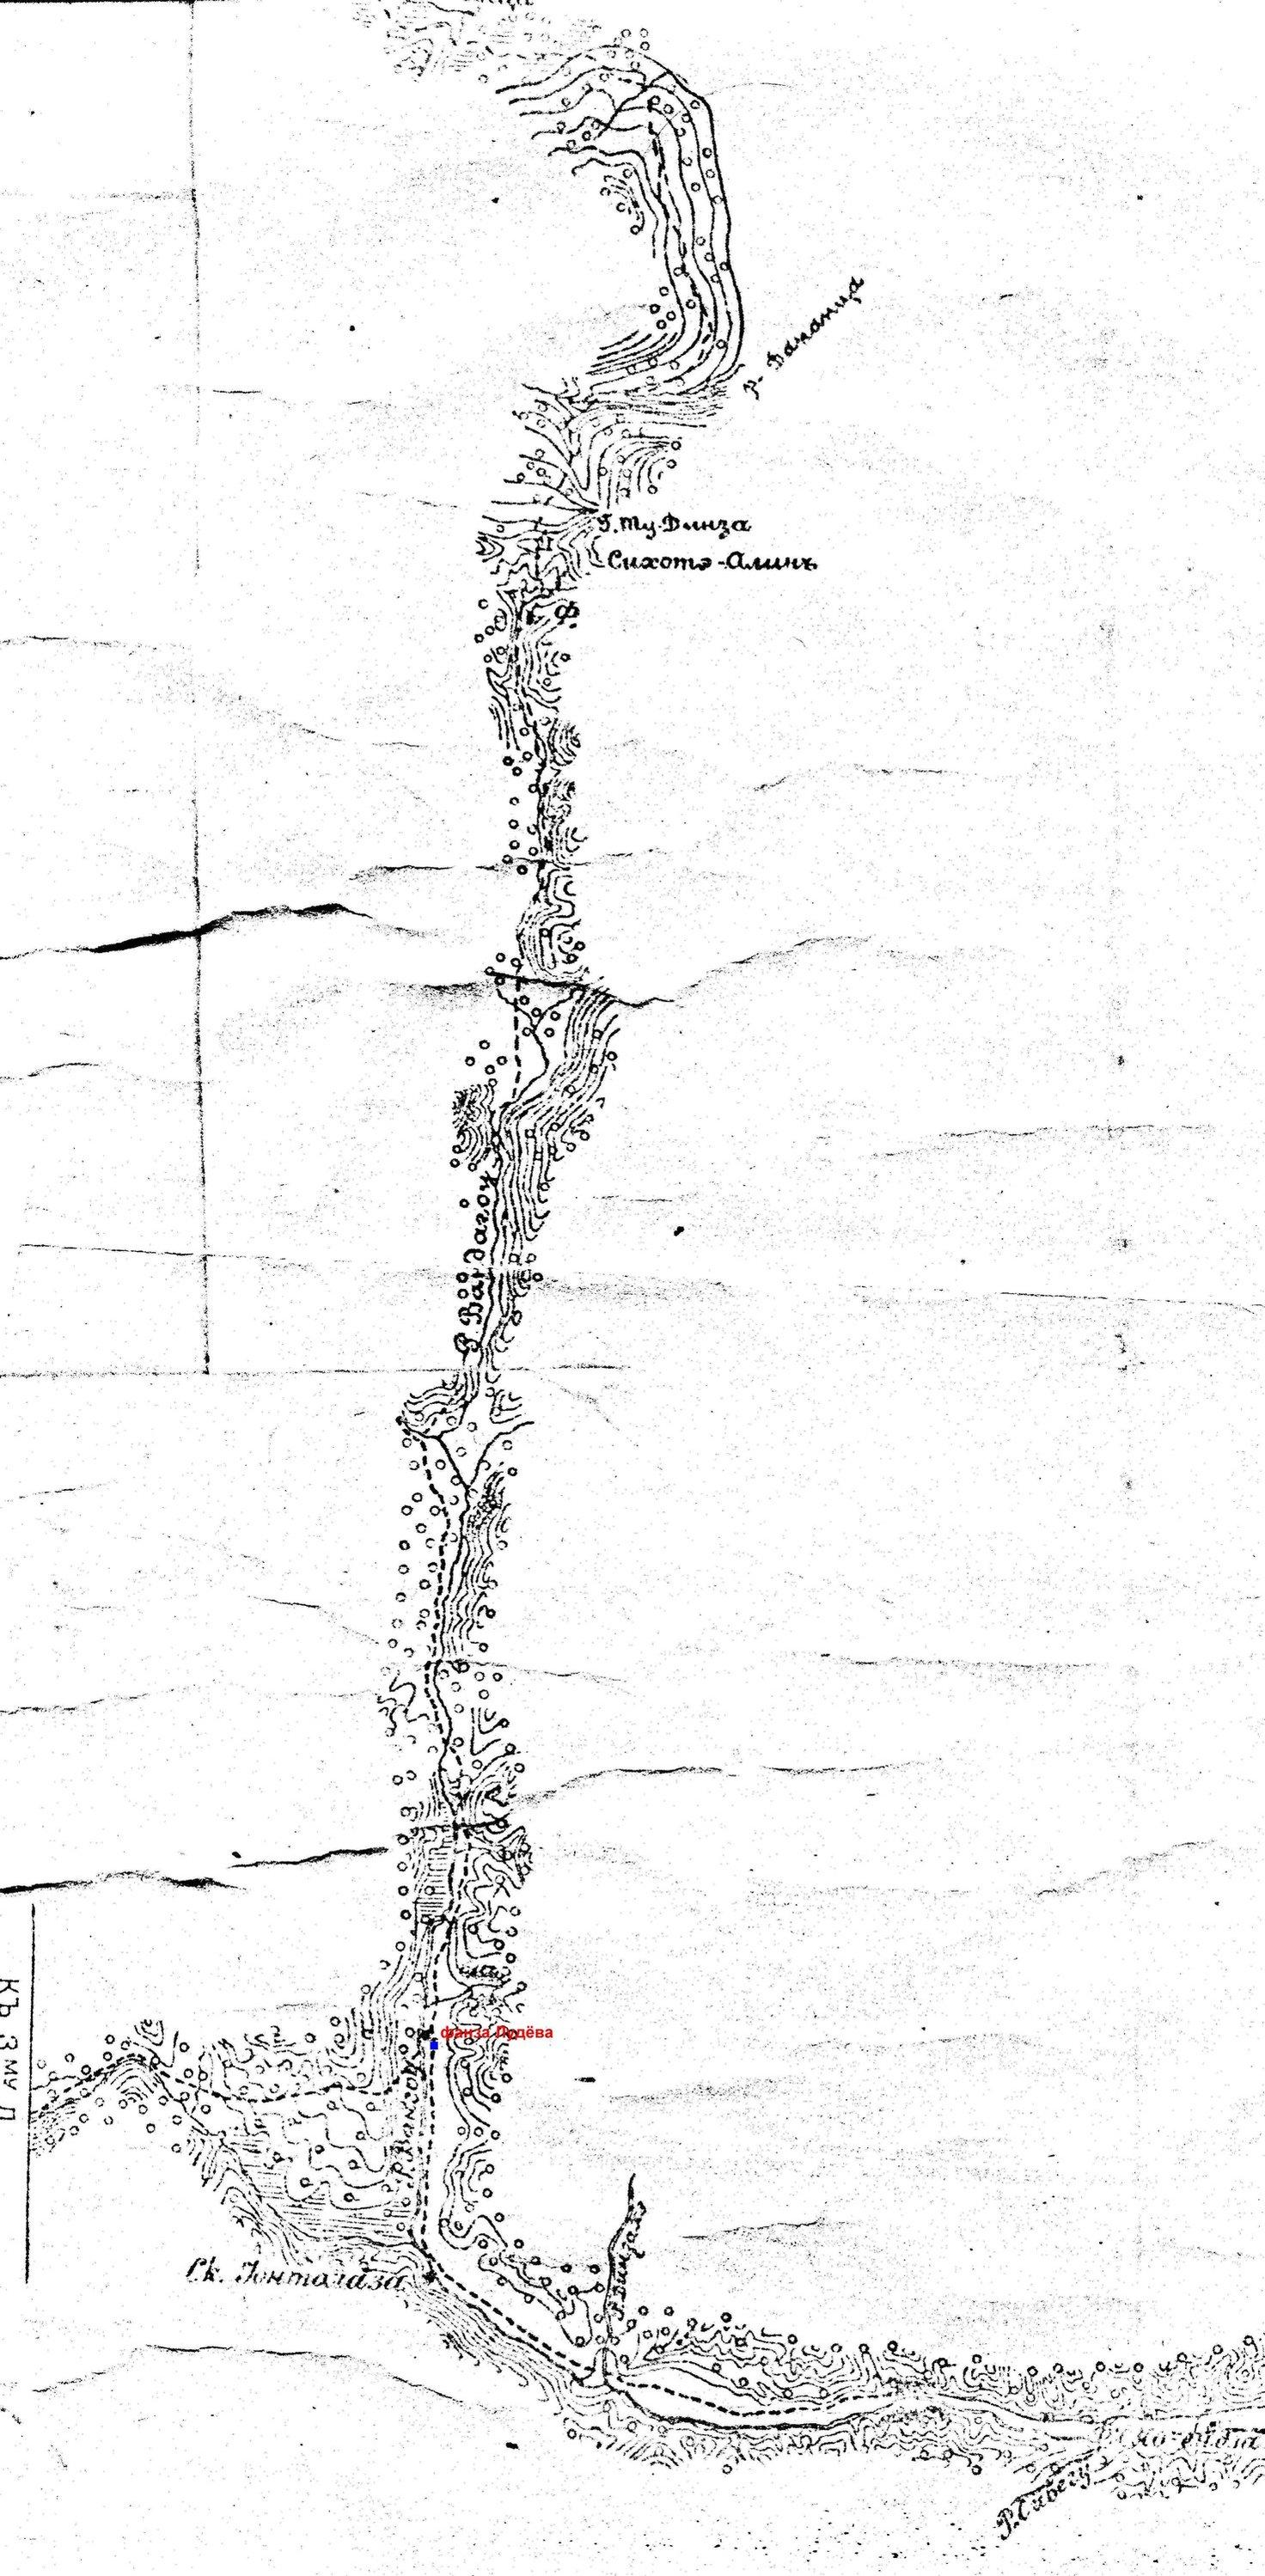 маршрут 1906 г.